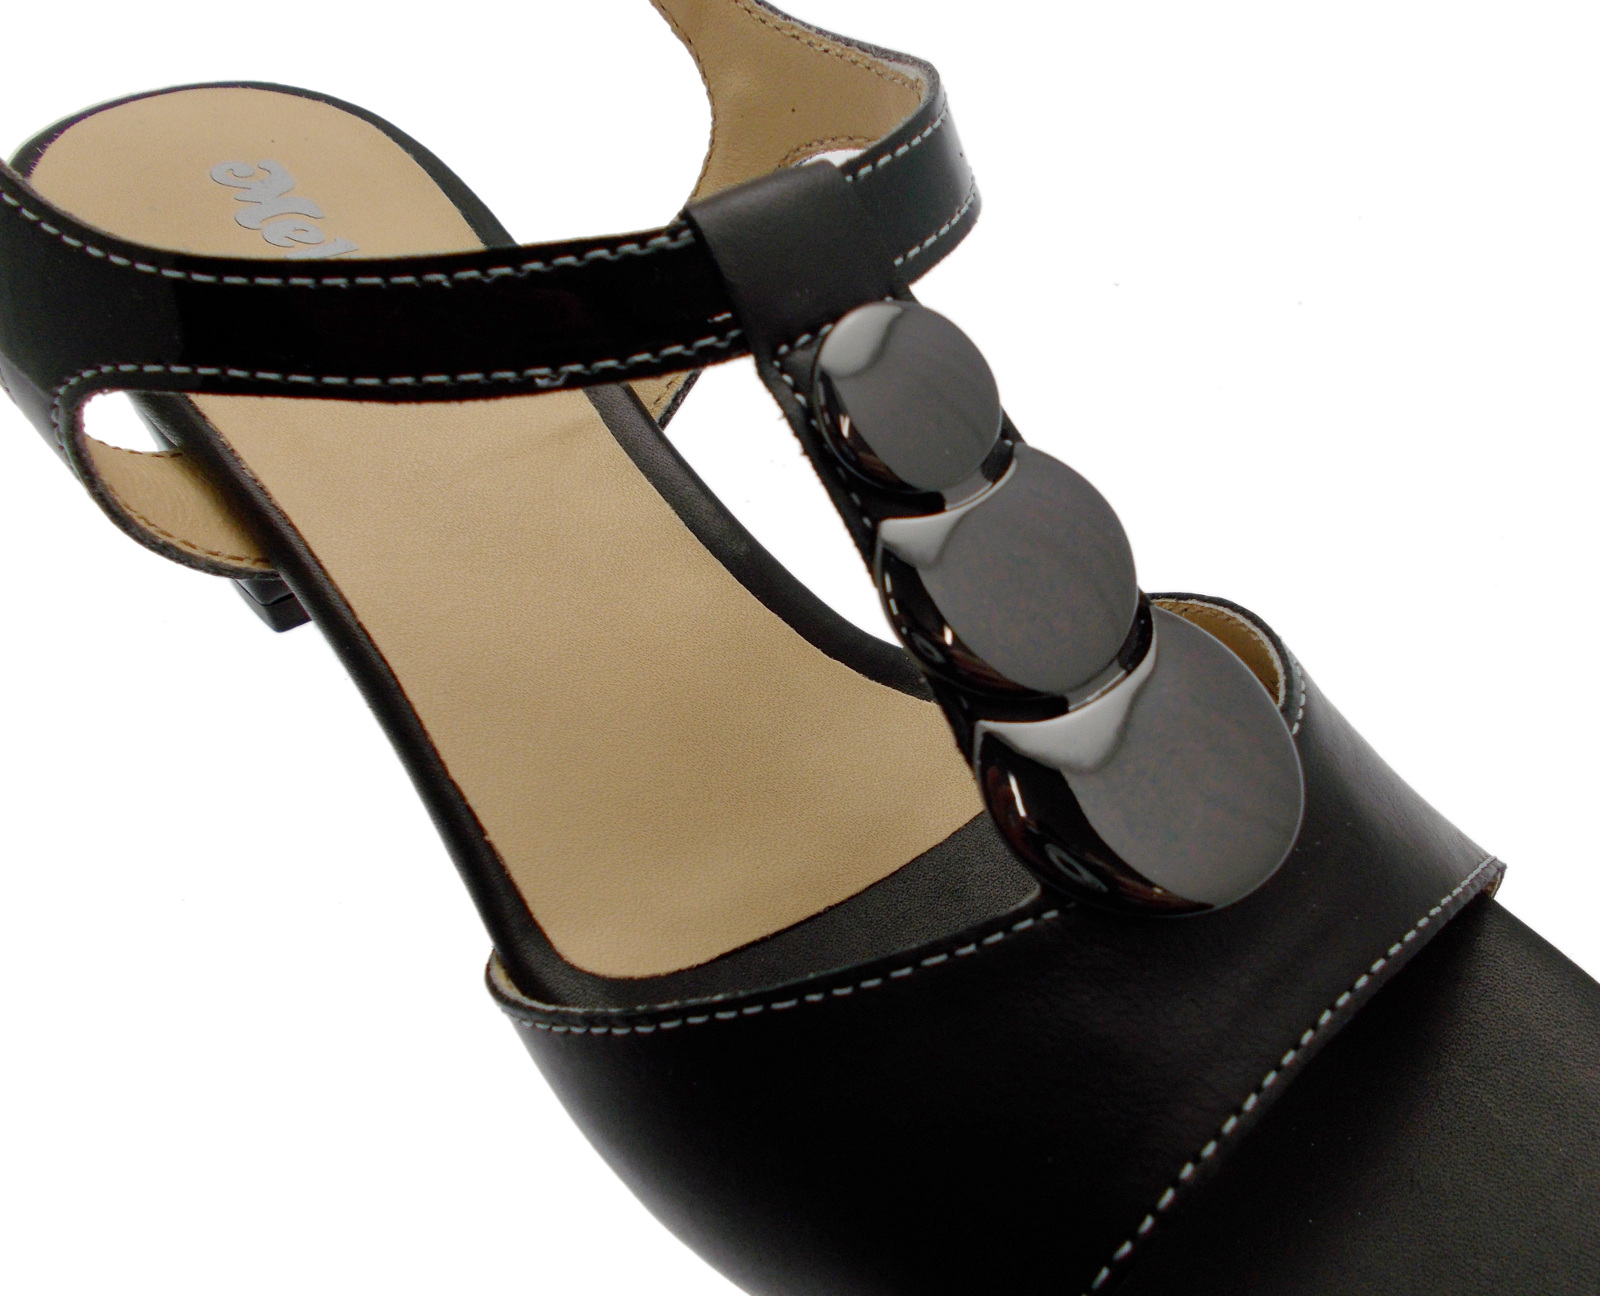 Art K95328p Pelle Sandalo Melluso Nero Donna Medaglia Aperto qMpSUVz